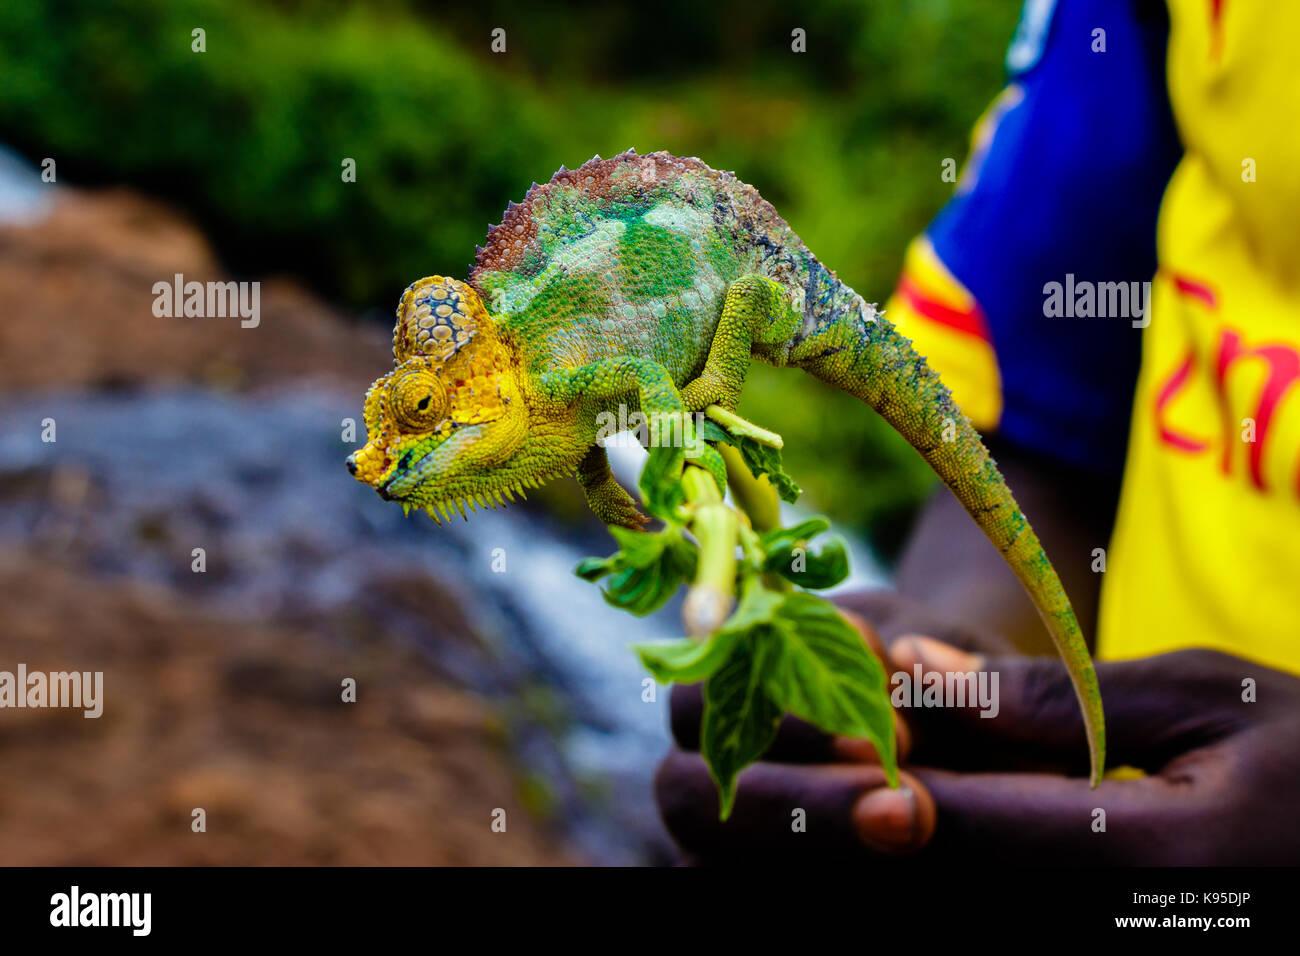 Un camaleonte adattando ai colori di un Arsenal Football Shirt Immagini Stock